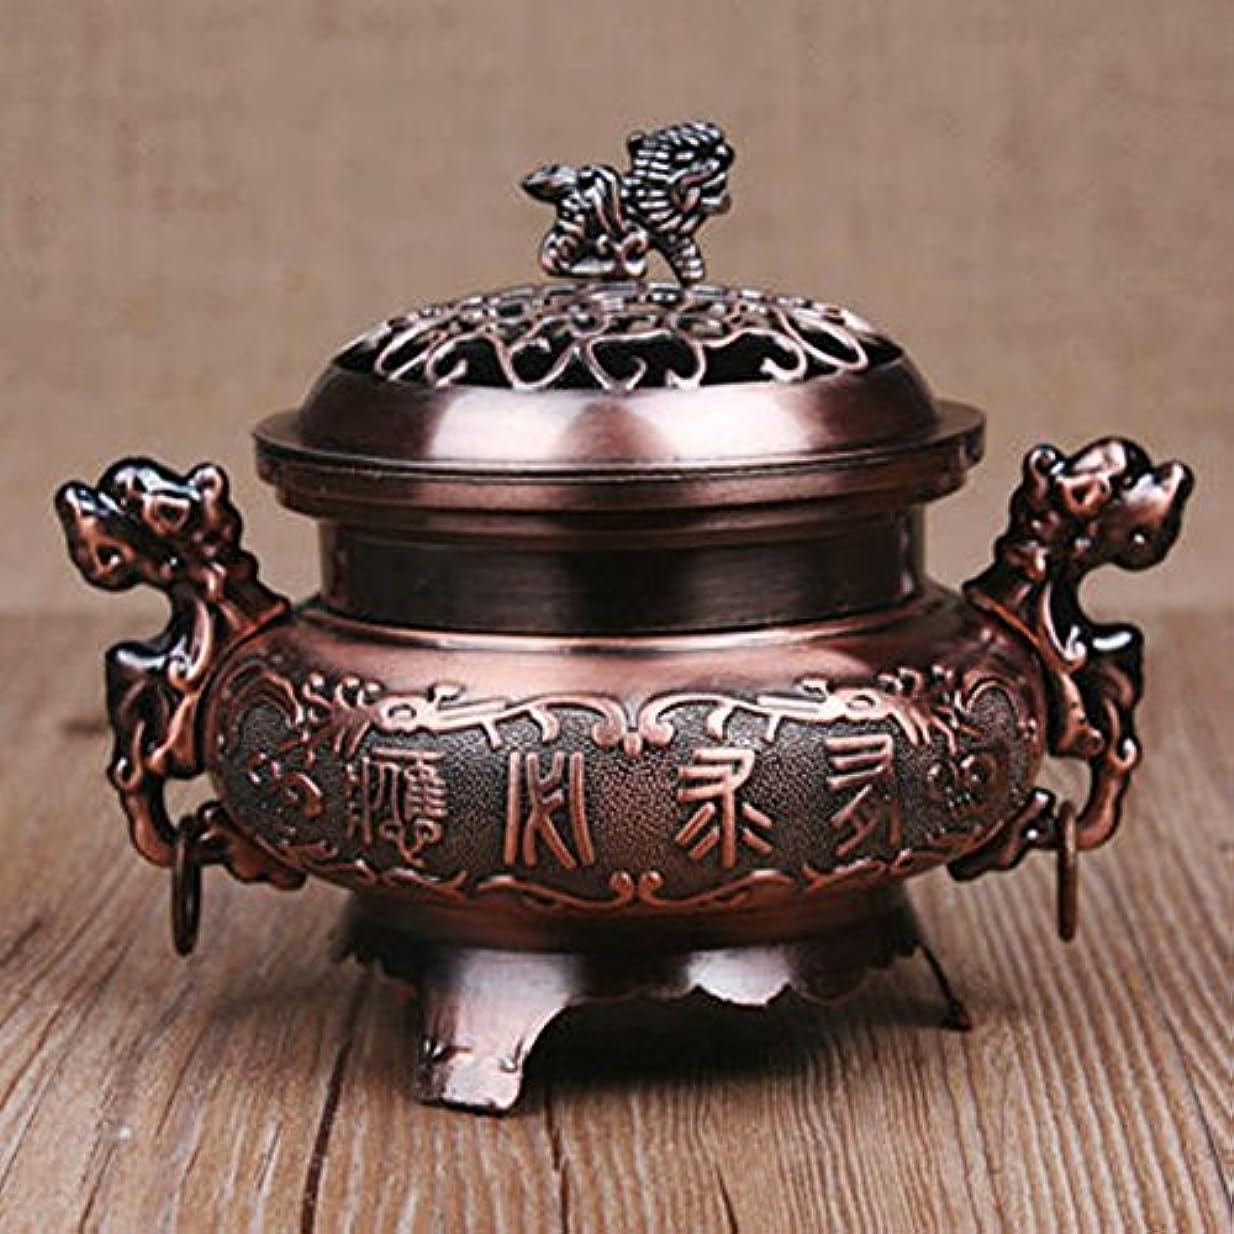 オーバーコート想像するおばさんZehuiレトロスタイル合金香炉ダブルドラゴンHollowカバーCenser円錐ホルダーホーム装飾 MX-EYZJ1849-JJ26099C0B20